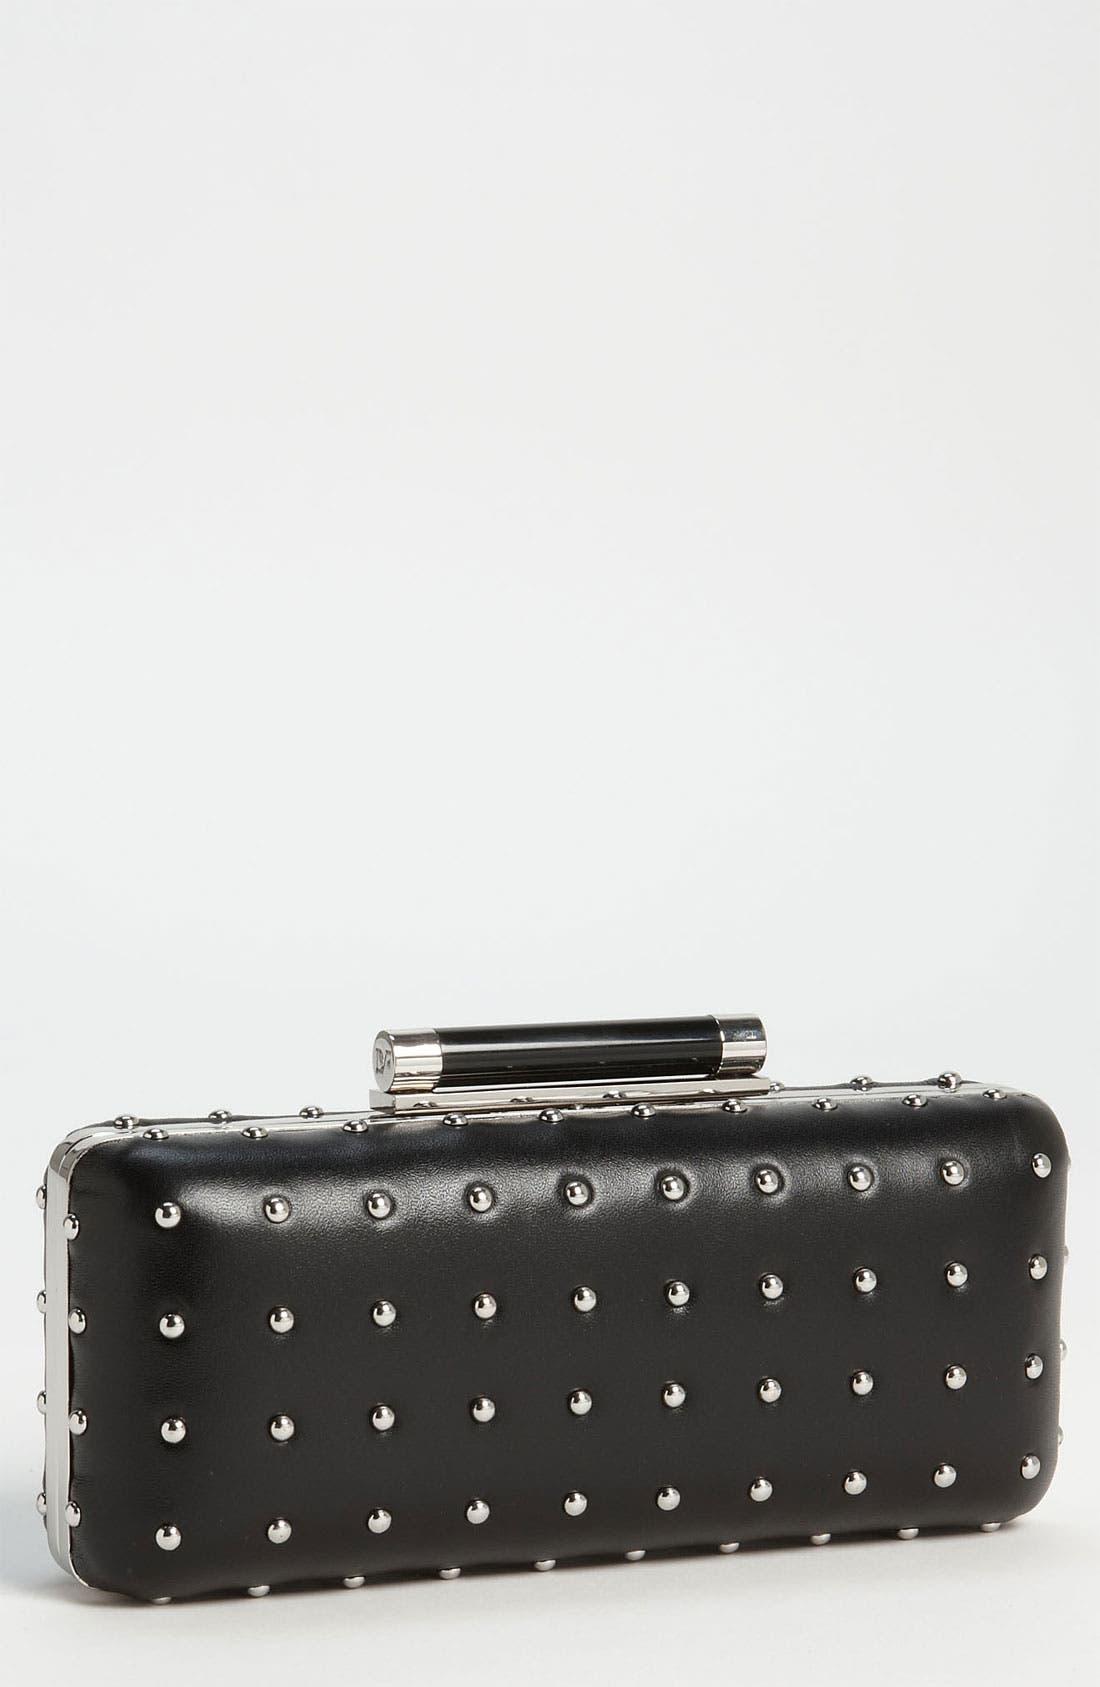 Main Image - Diane von Furstenberg 'Tonda' Studded Clutch